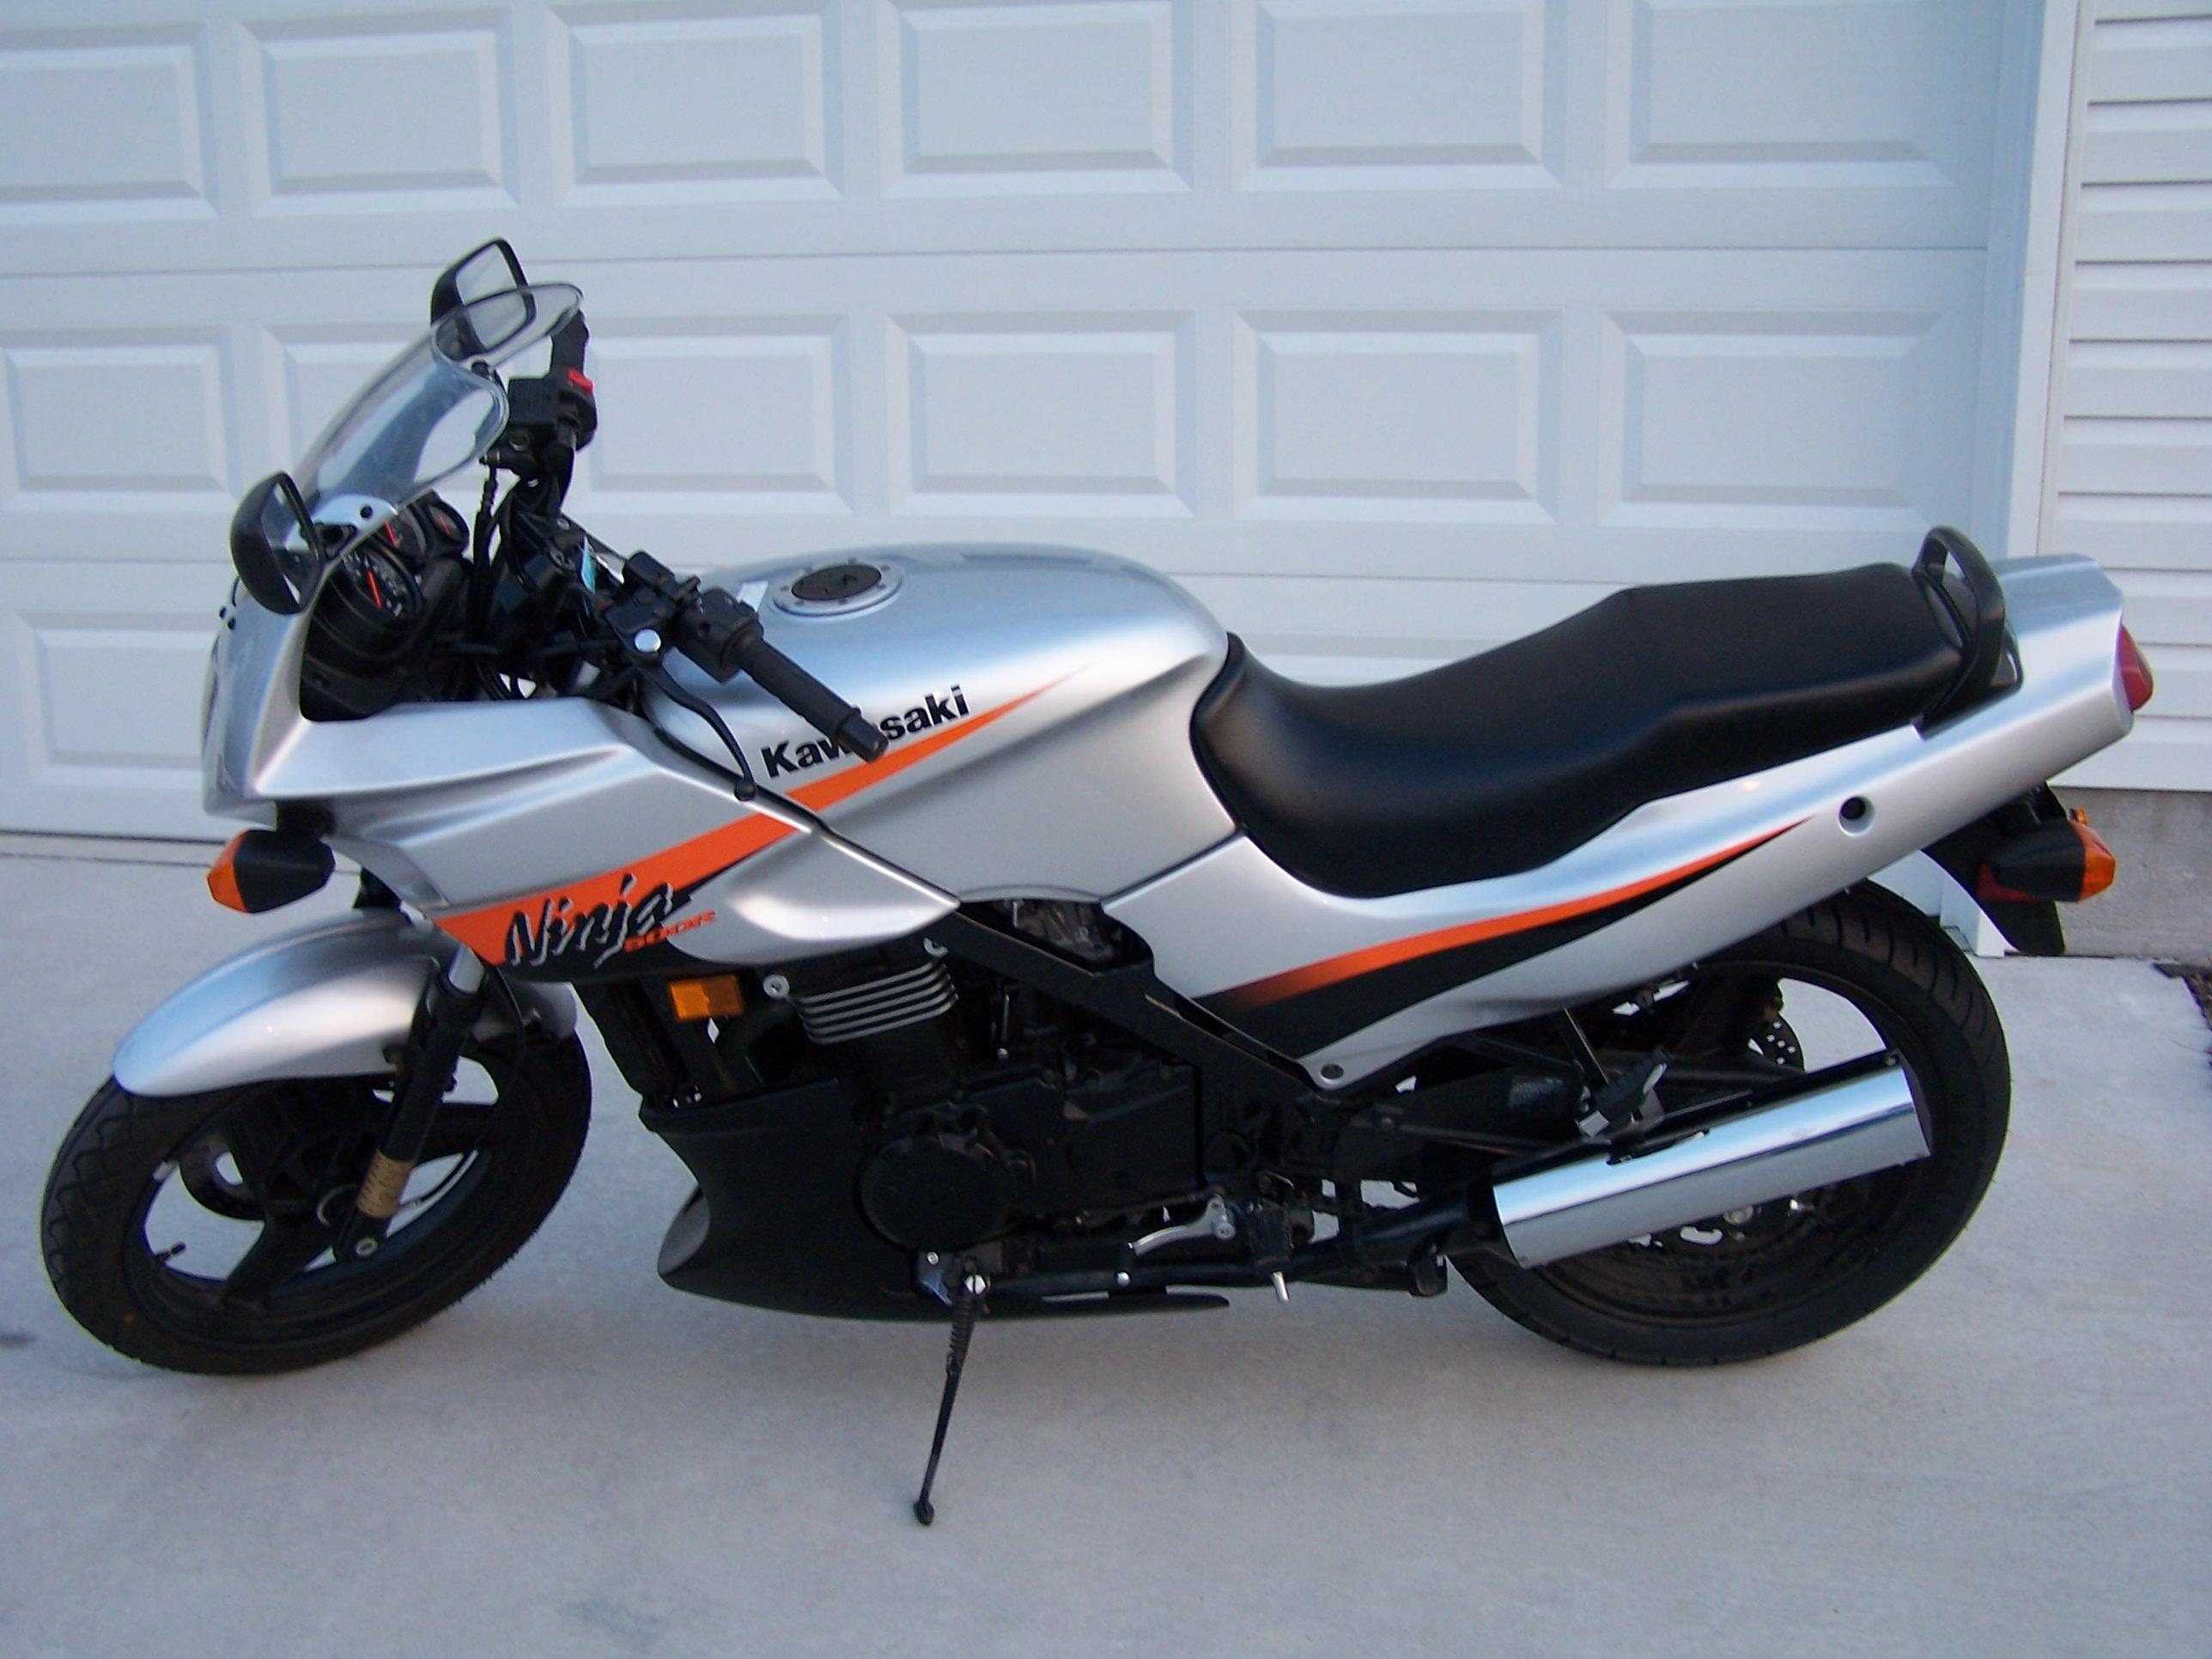 FS 2004 Ninja 500R - Sportbikes.net